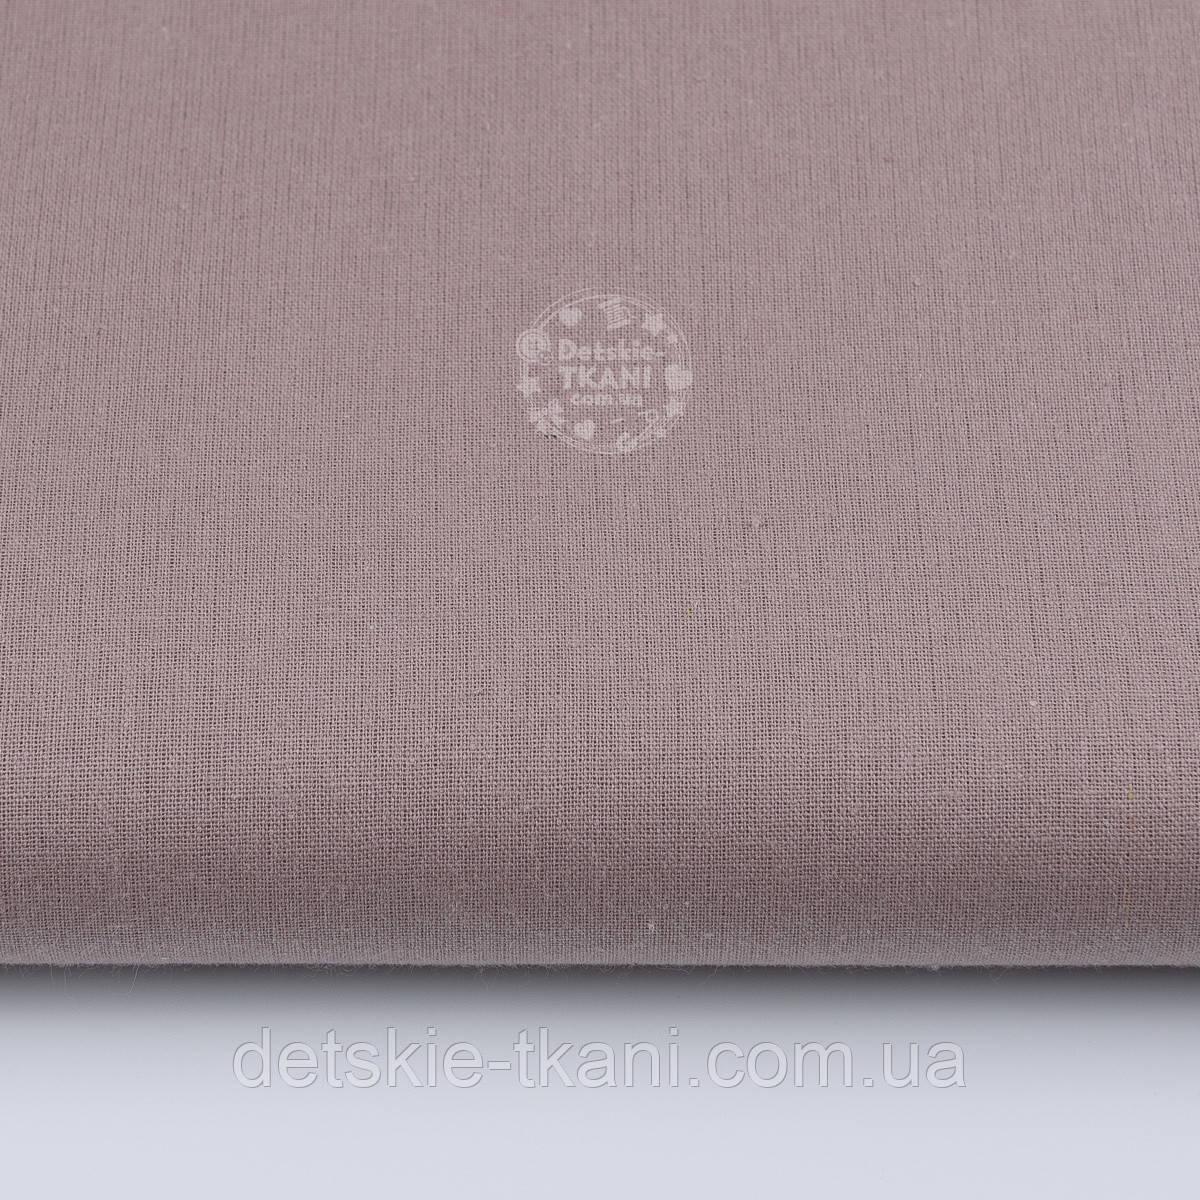 Однотонная польская бязь цвет шоколадного капучино №265.